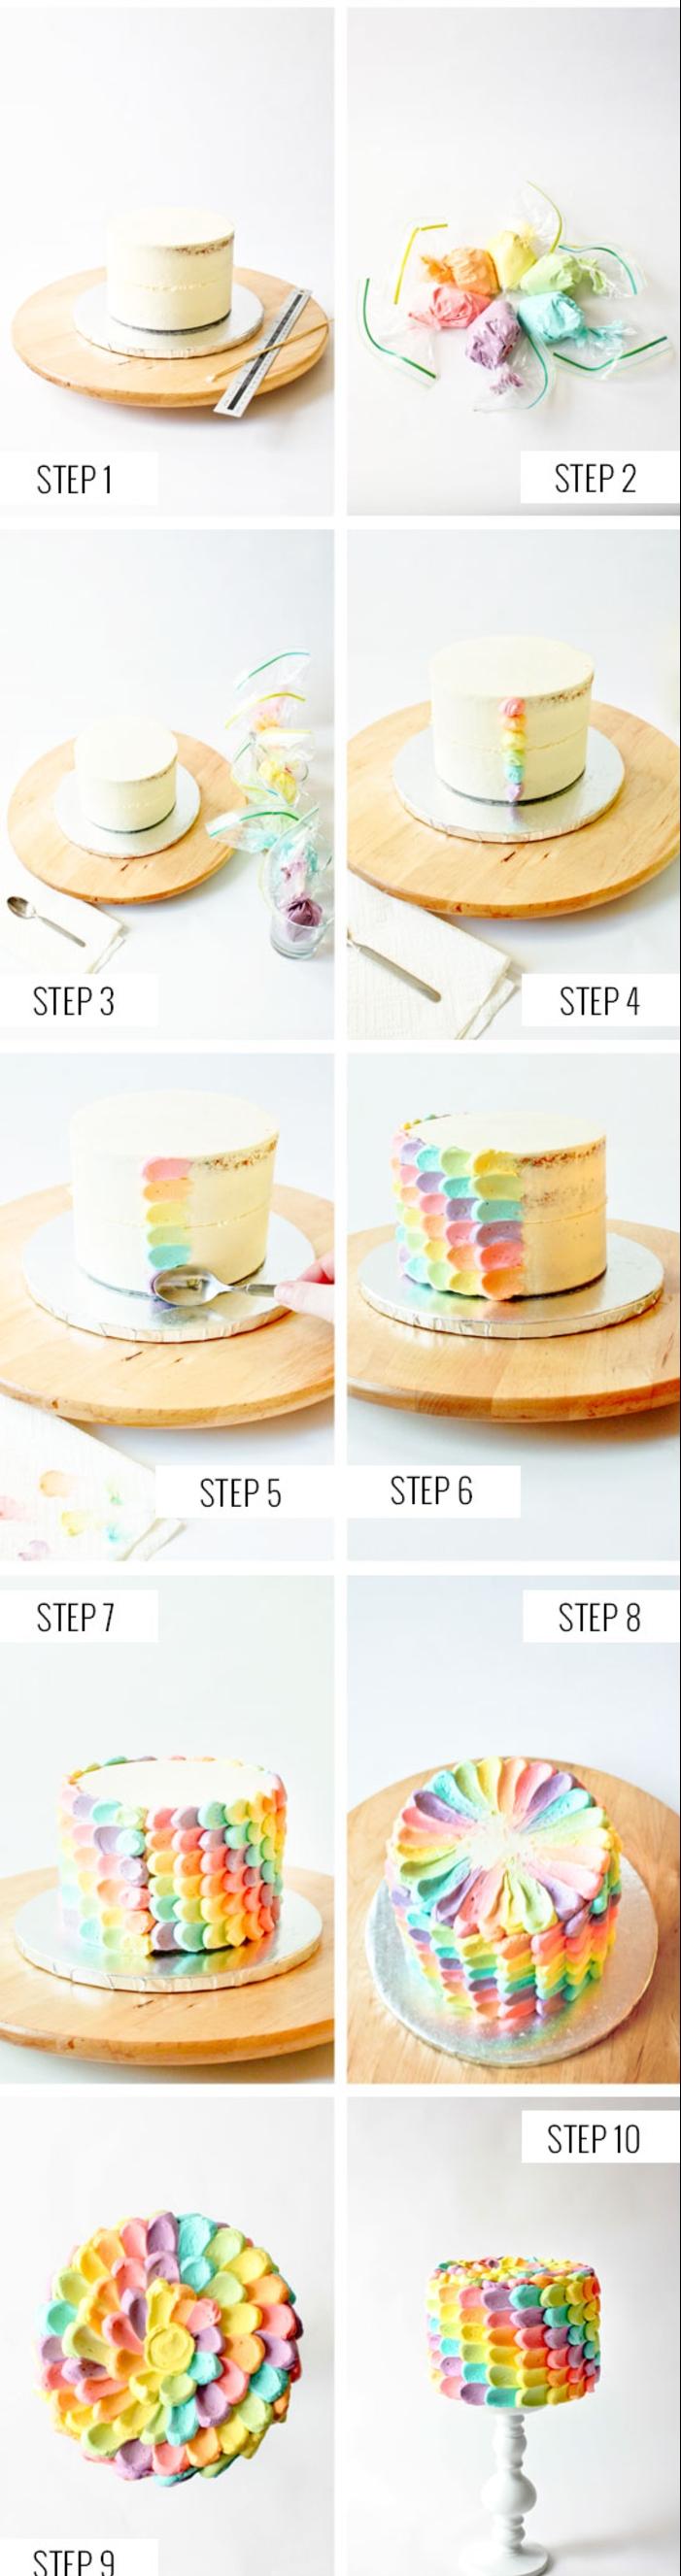 comment réaliser une décoration de gâteau arc-en-ciel en pétales colorées